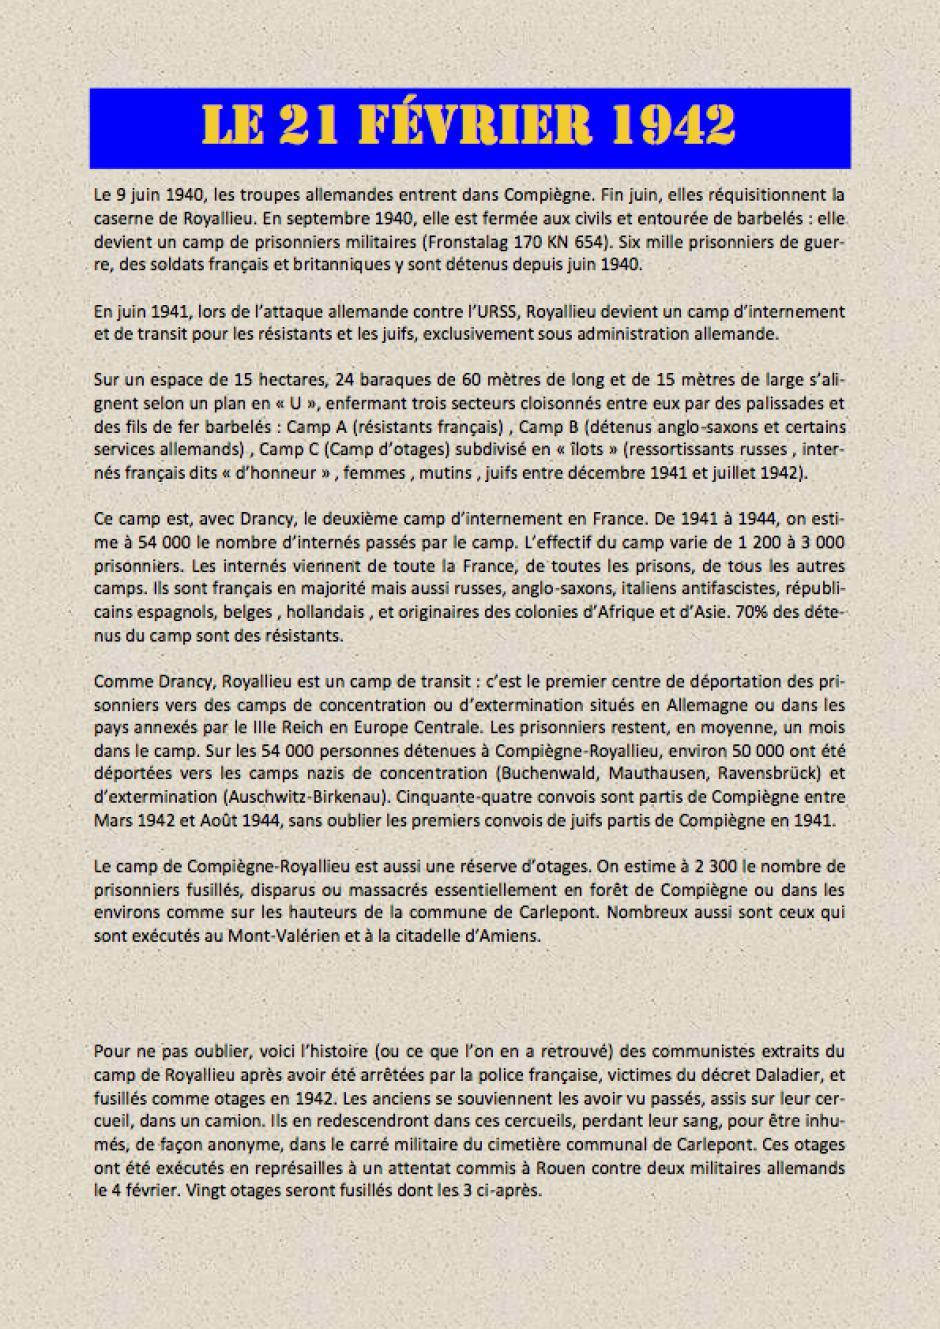 Les otages communistes de Royallieu fusillés à Moulin-sous-Touvent en 1942 - B-Le 21 février 1942 (document transmis par Jean-Michel Vicaire)